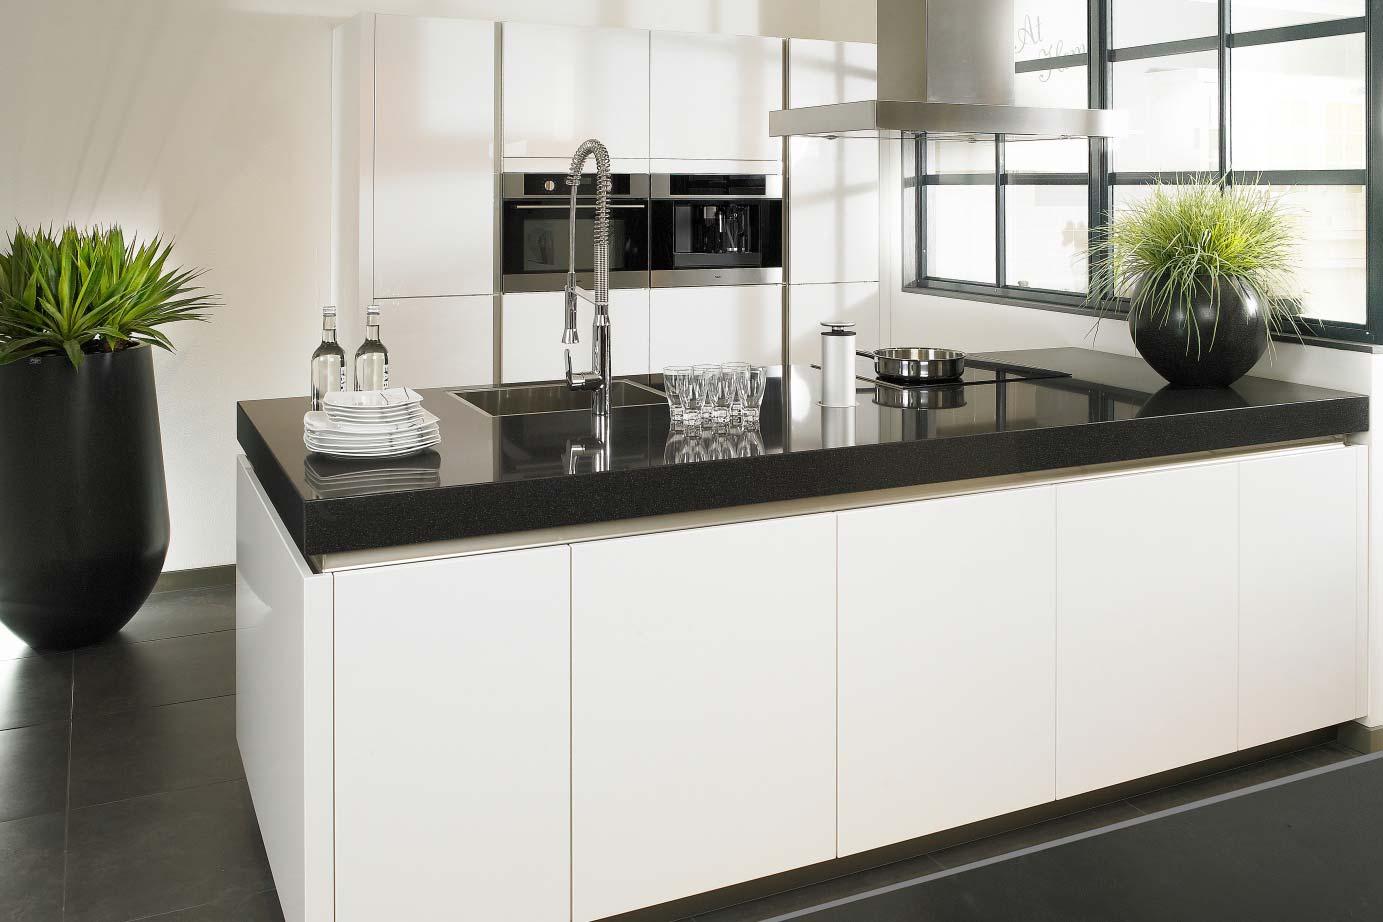 Luxe Keuken Accessoires : Keukenstijlen. Divers, spraakmakend, sprankelend. – Arma